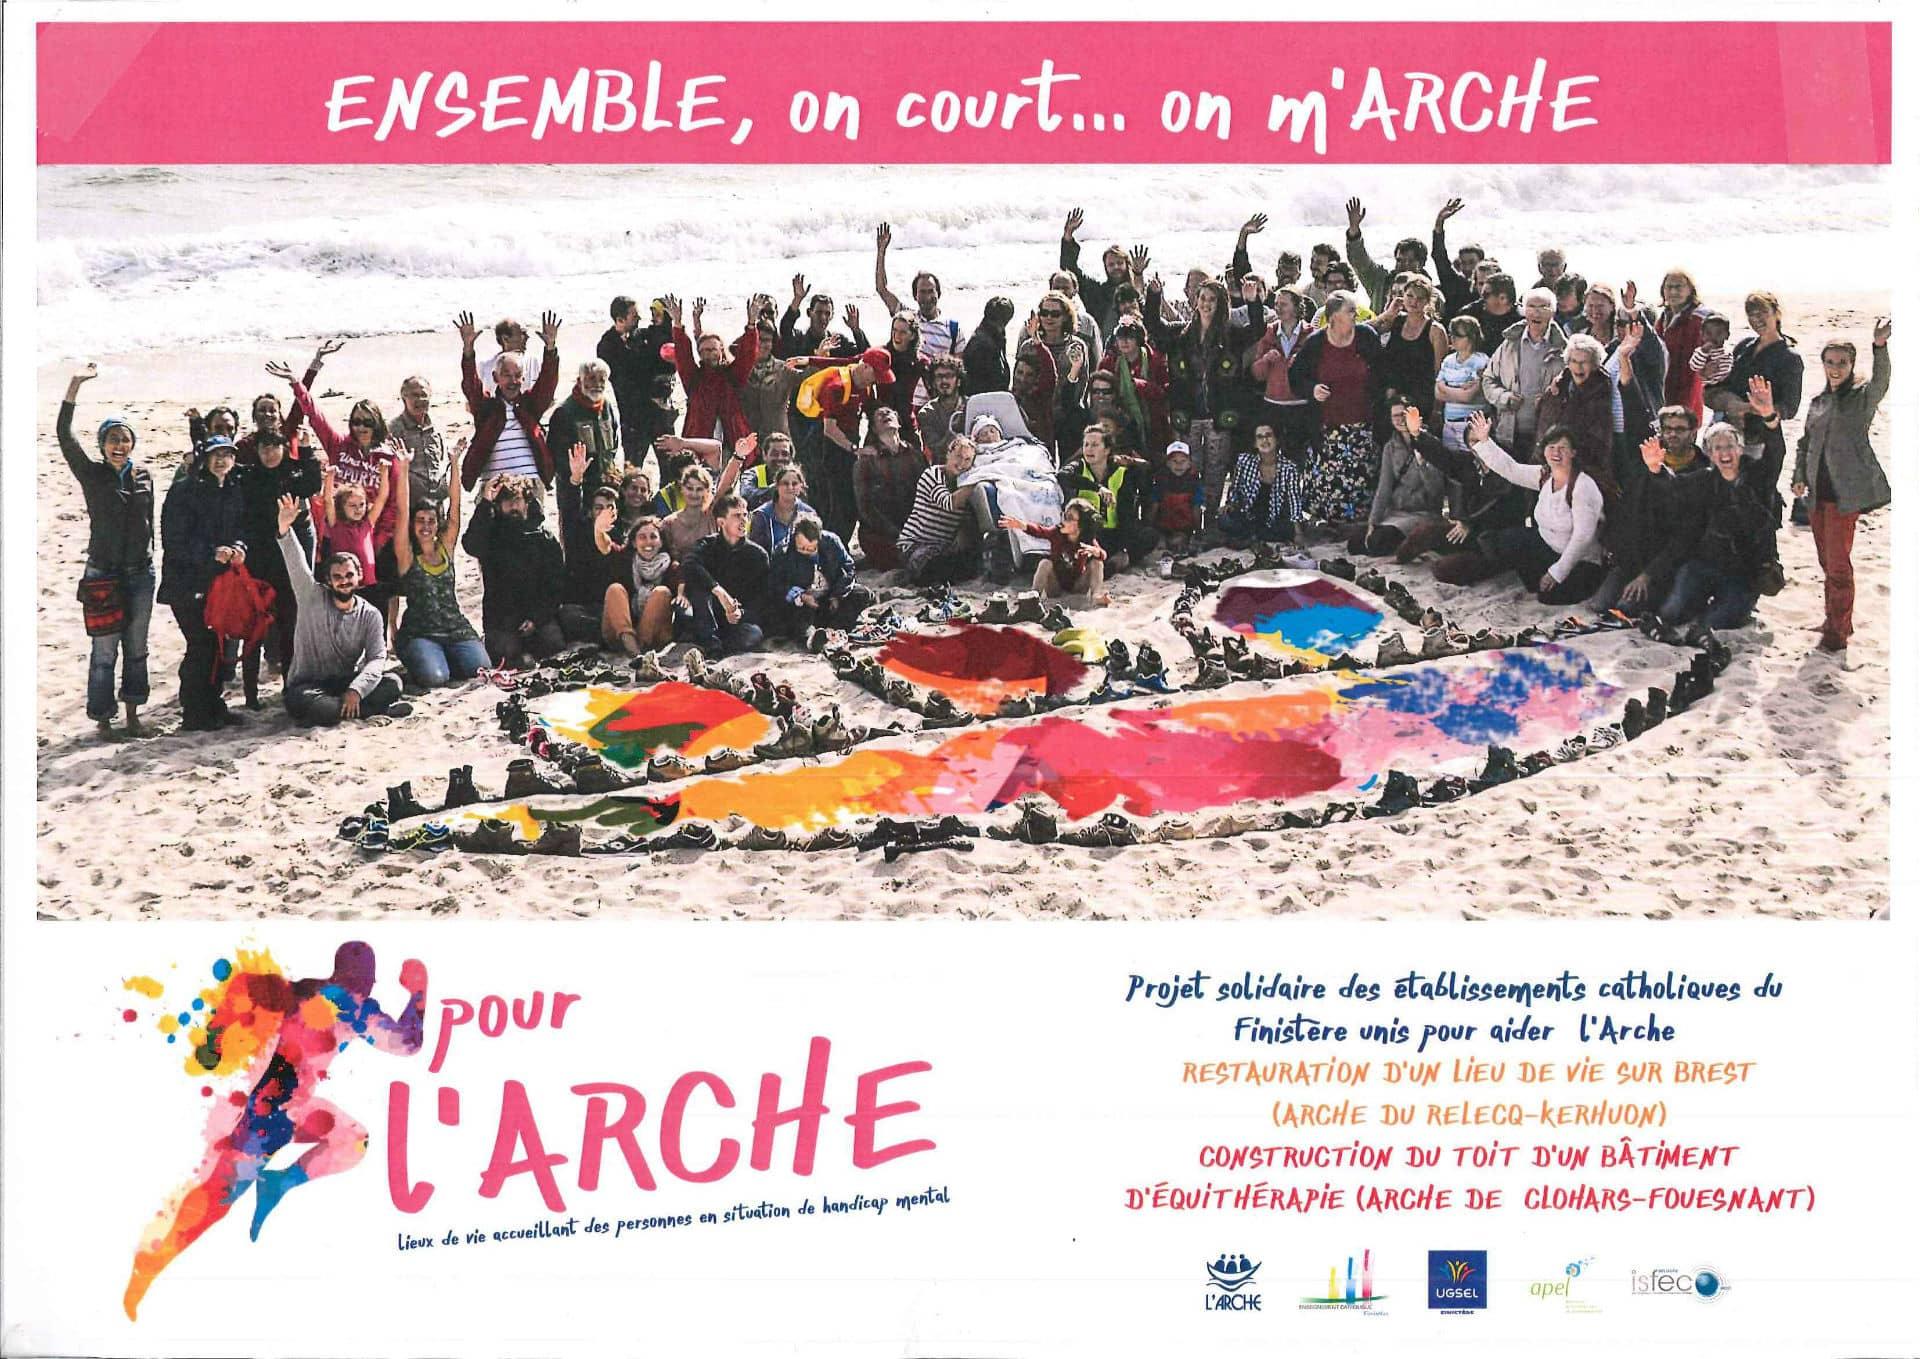 affiche de la course « On court, on m'Arche »